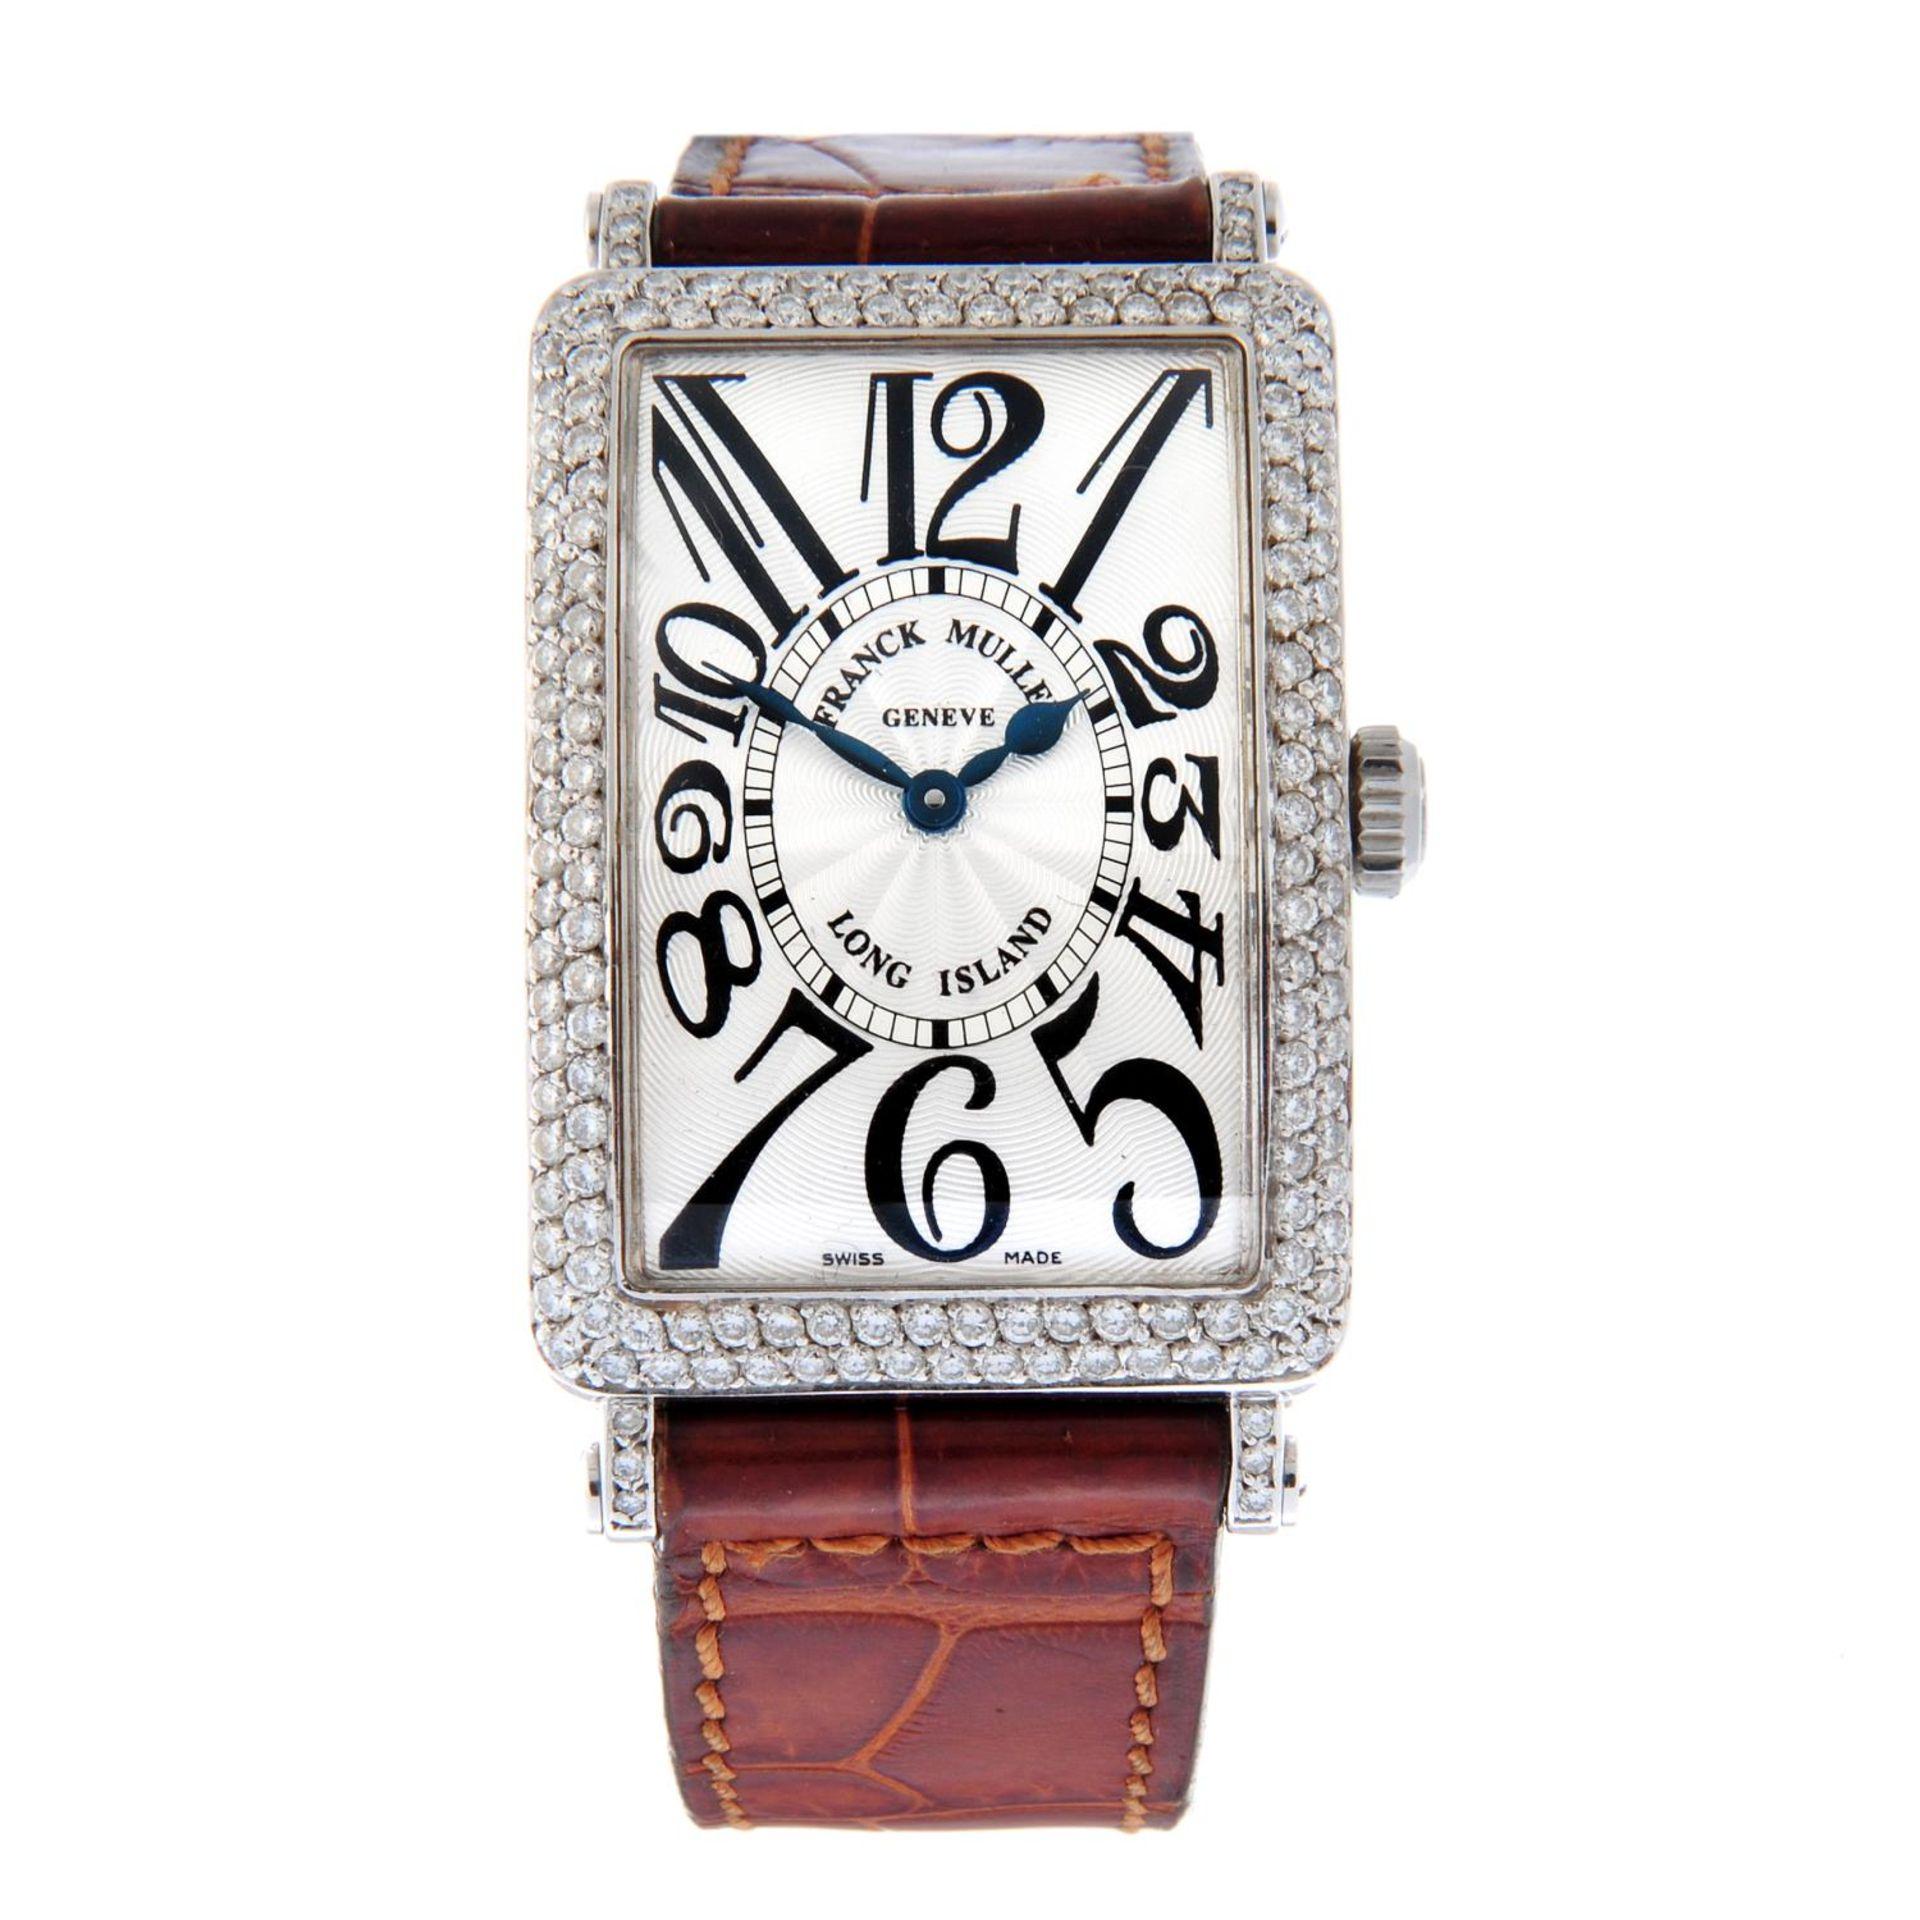 FRANCK MULLER - a long Island wrist watch.